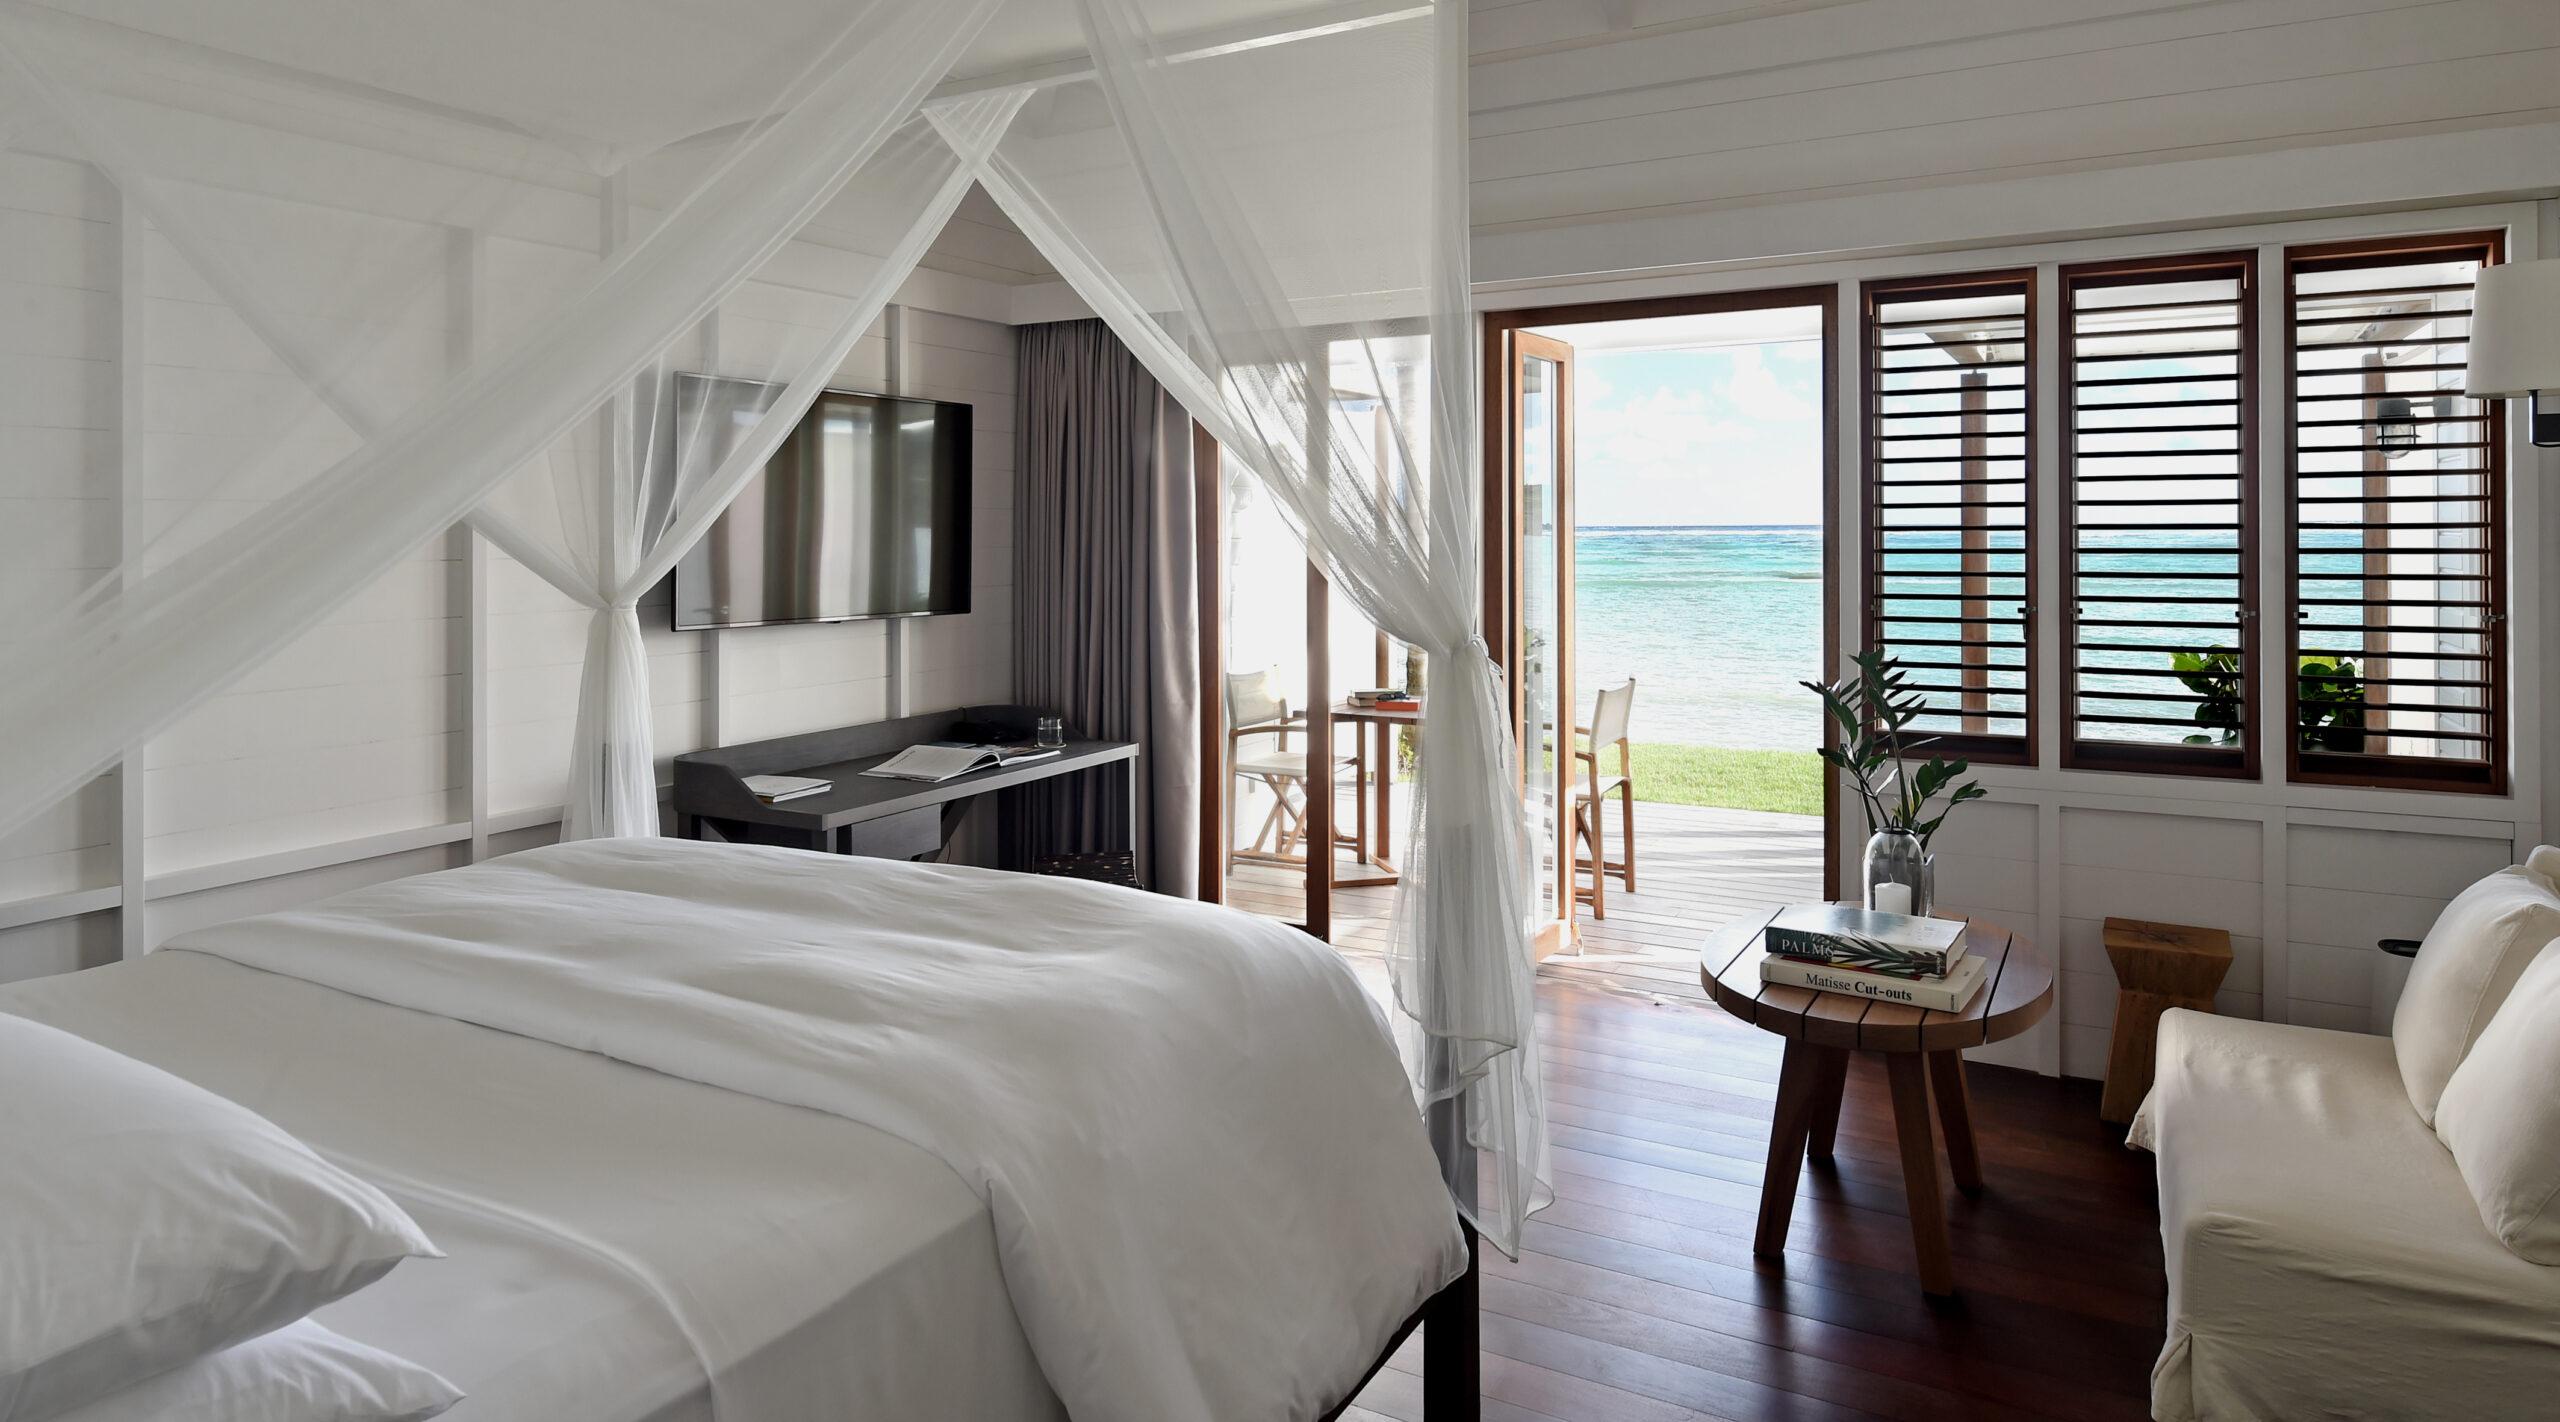 tropical bedroom overlooking the Sea